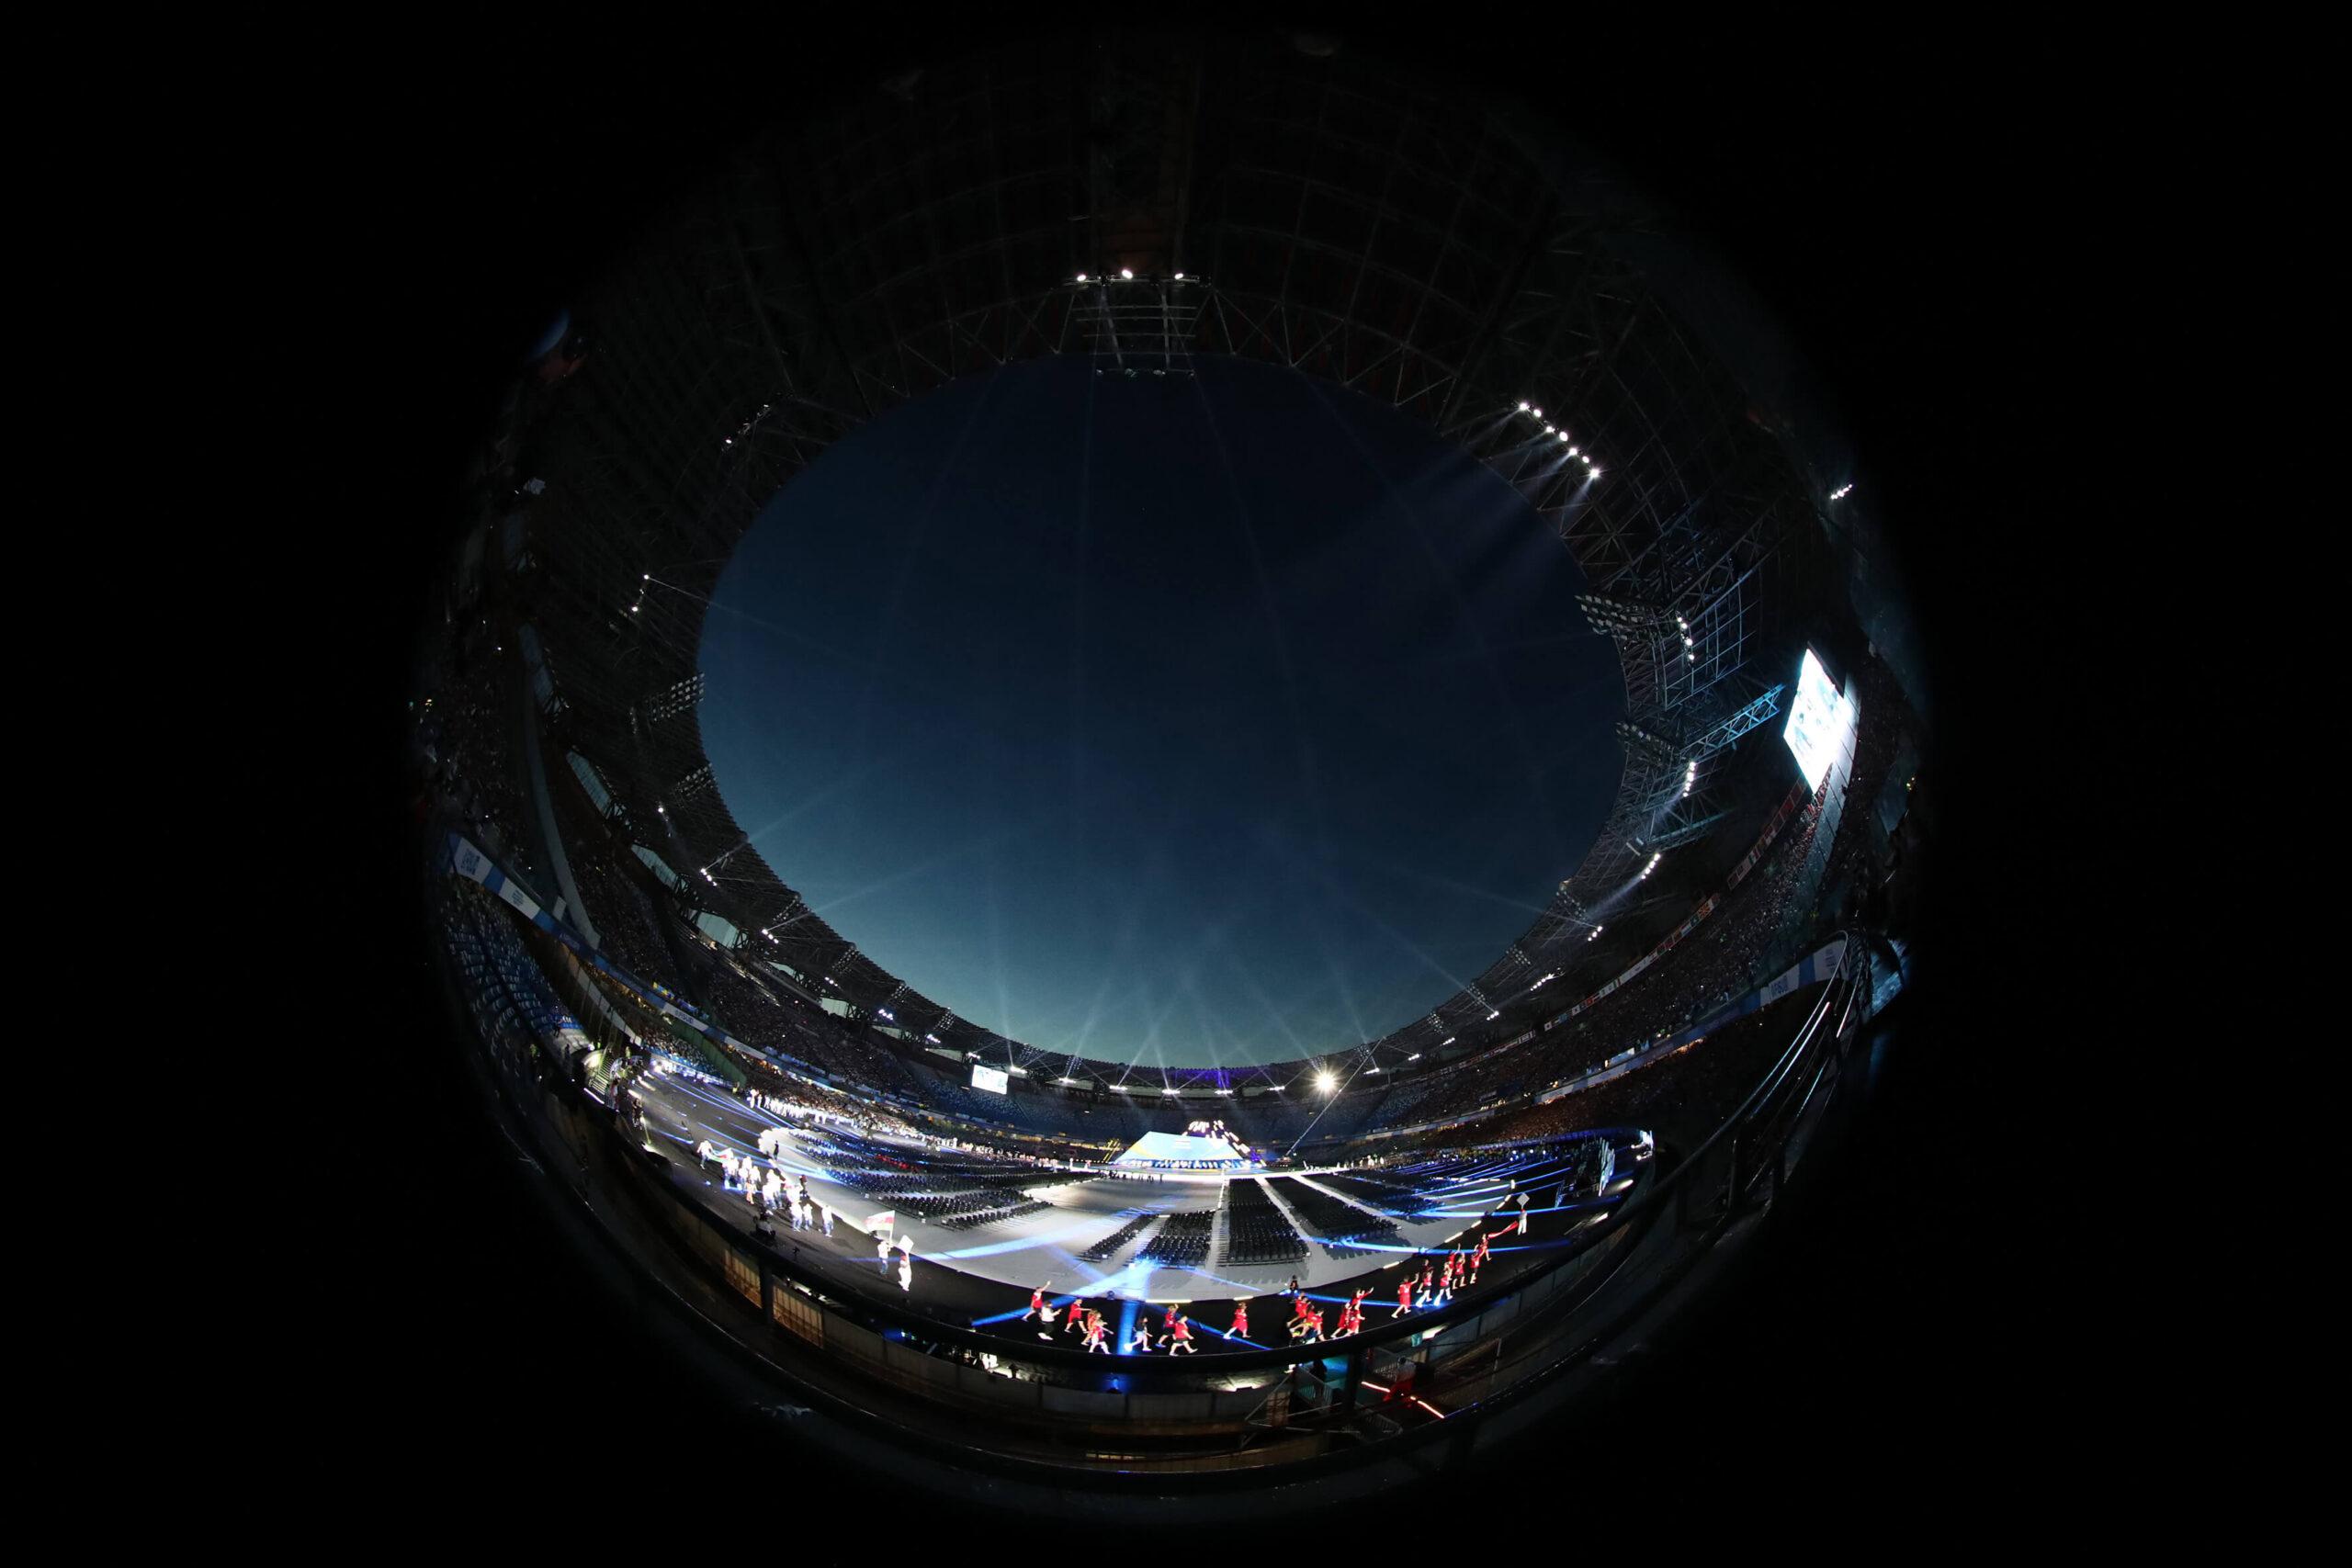 Napoli-2019-30th-Summer-Universiade-_CPur08